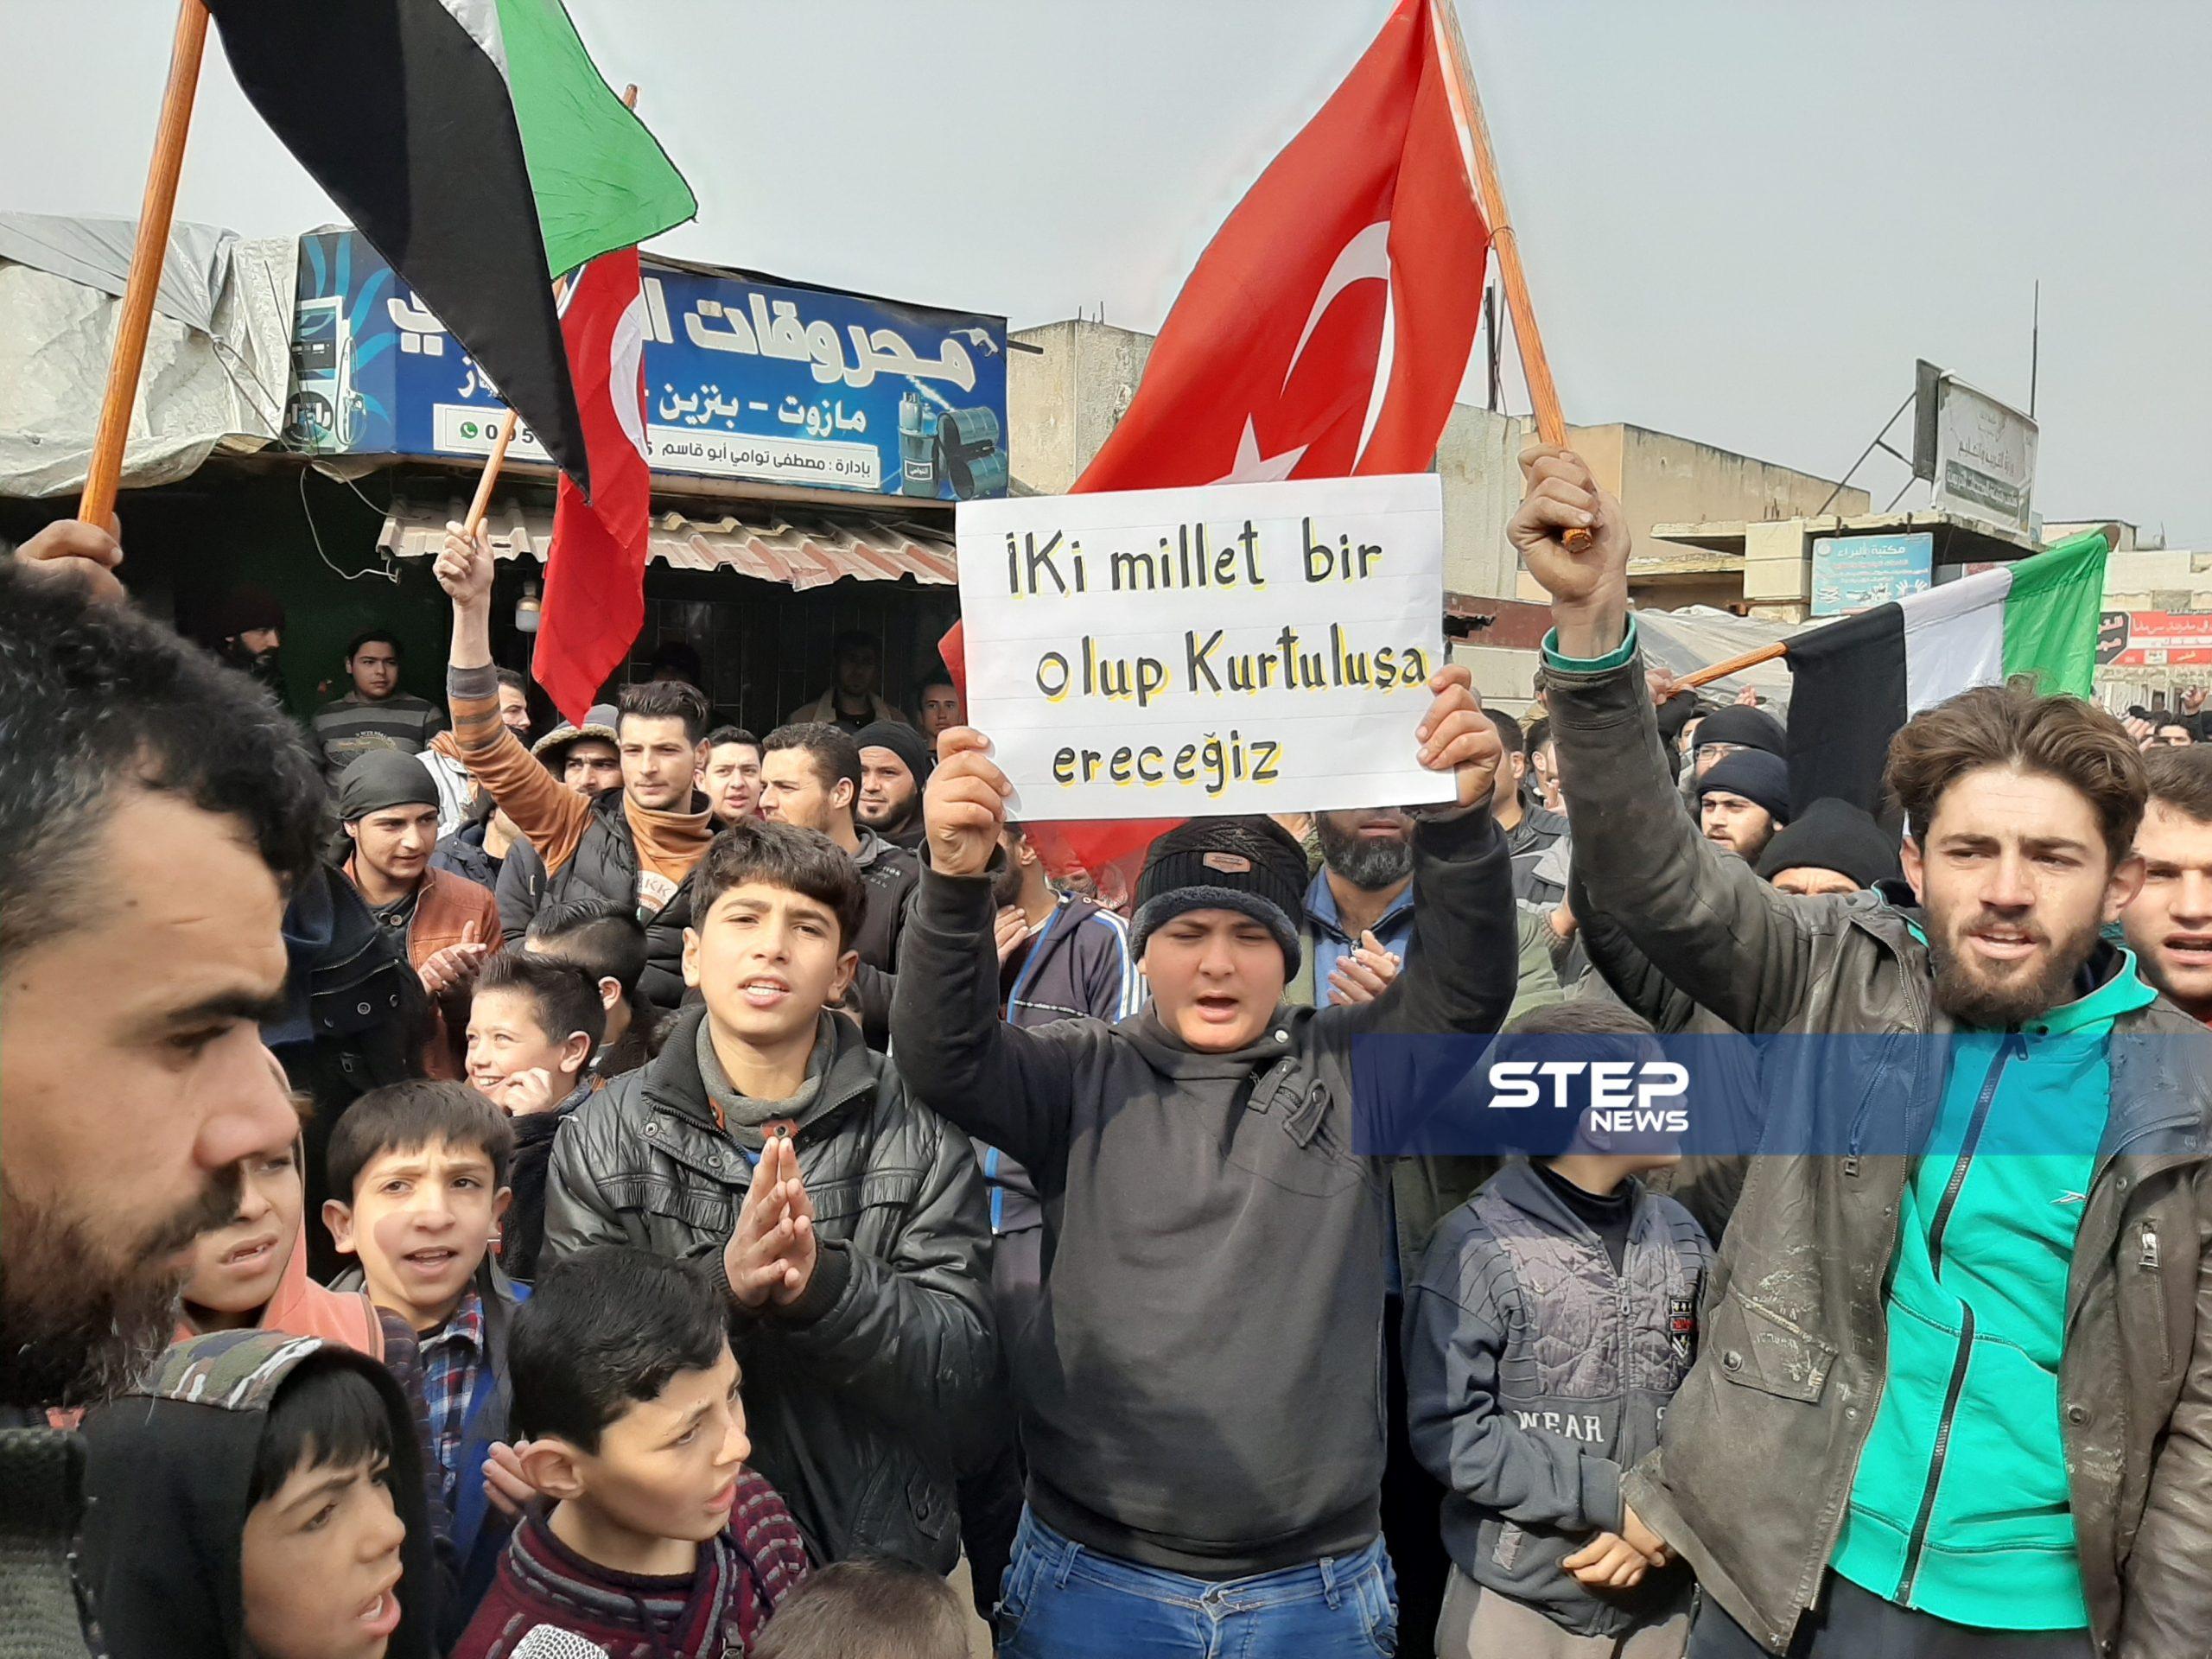 بالفيديو   مظاهرة موالية لتركيا ومُعزّية بجنودها شمال ادلب.. بحماية من تحرير الشام وفصائل أخرى